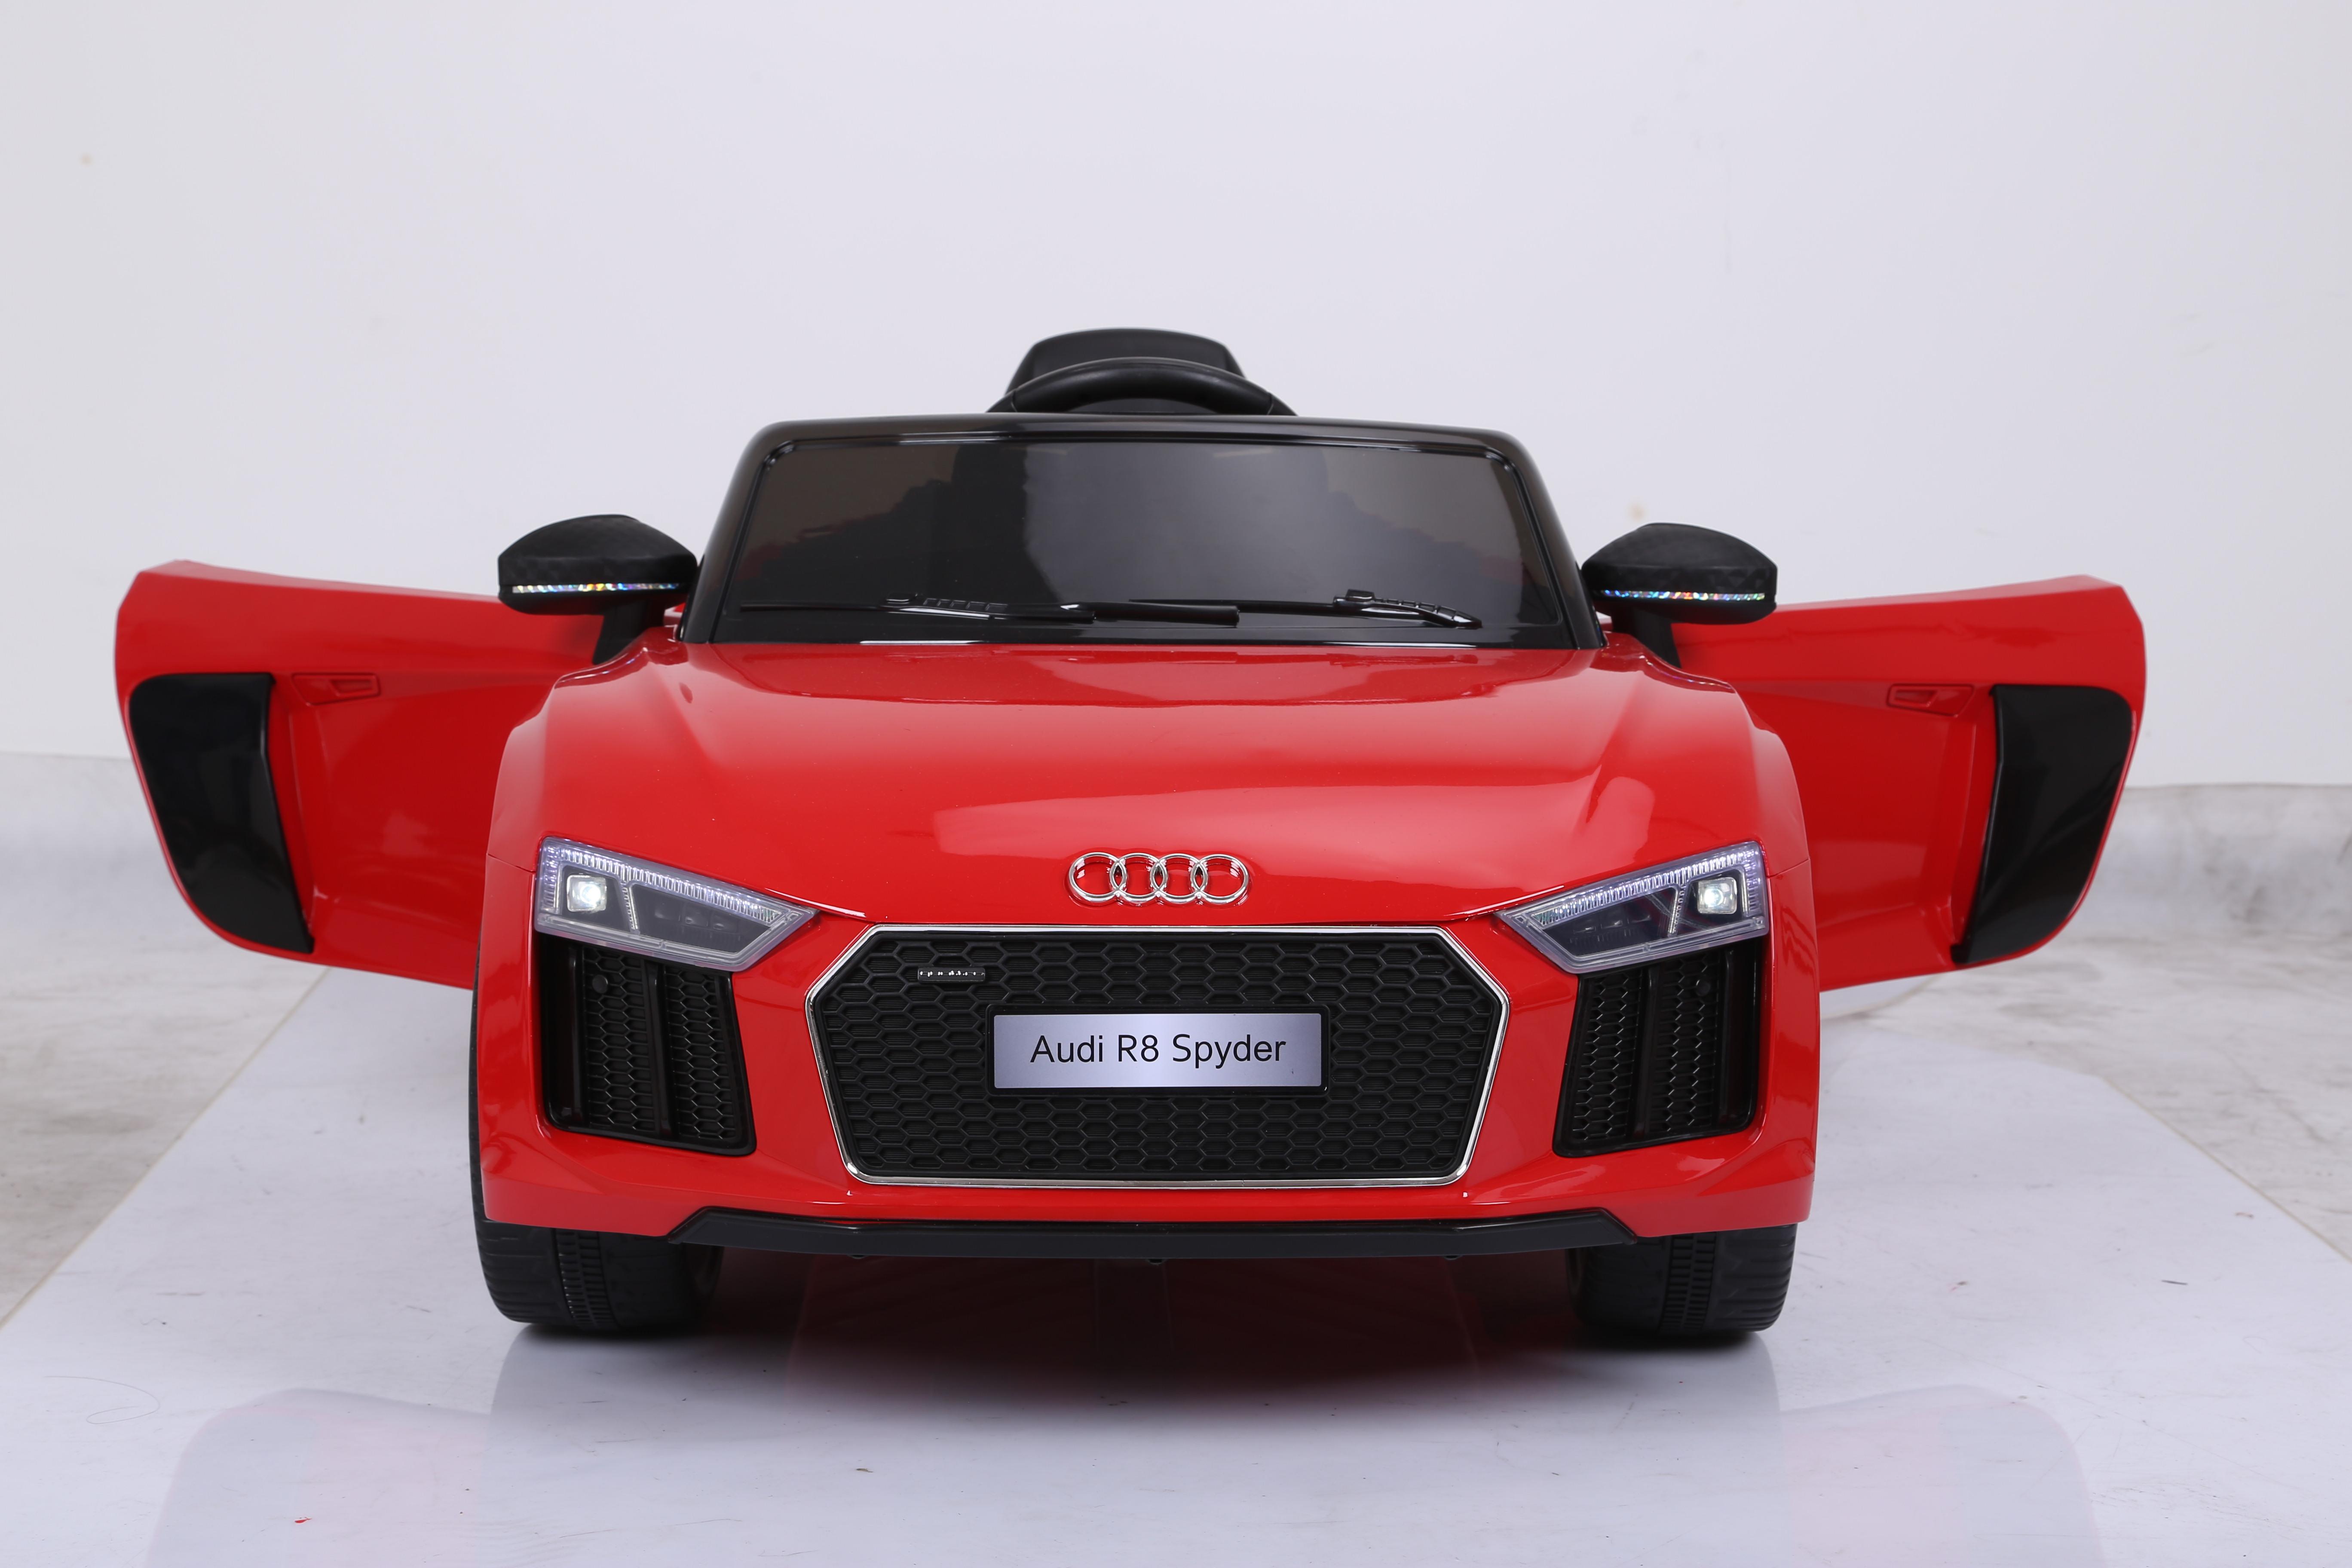 remarkable audi r8 spyder electric car aratorn sport cars. Black Bedroom Furniture Sets. Home Design Ideas